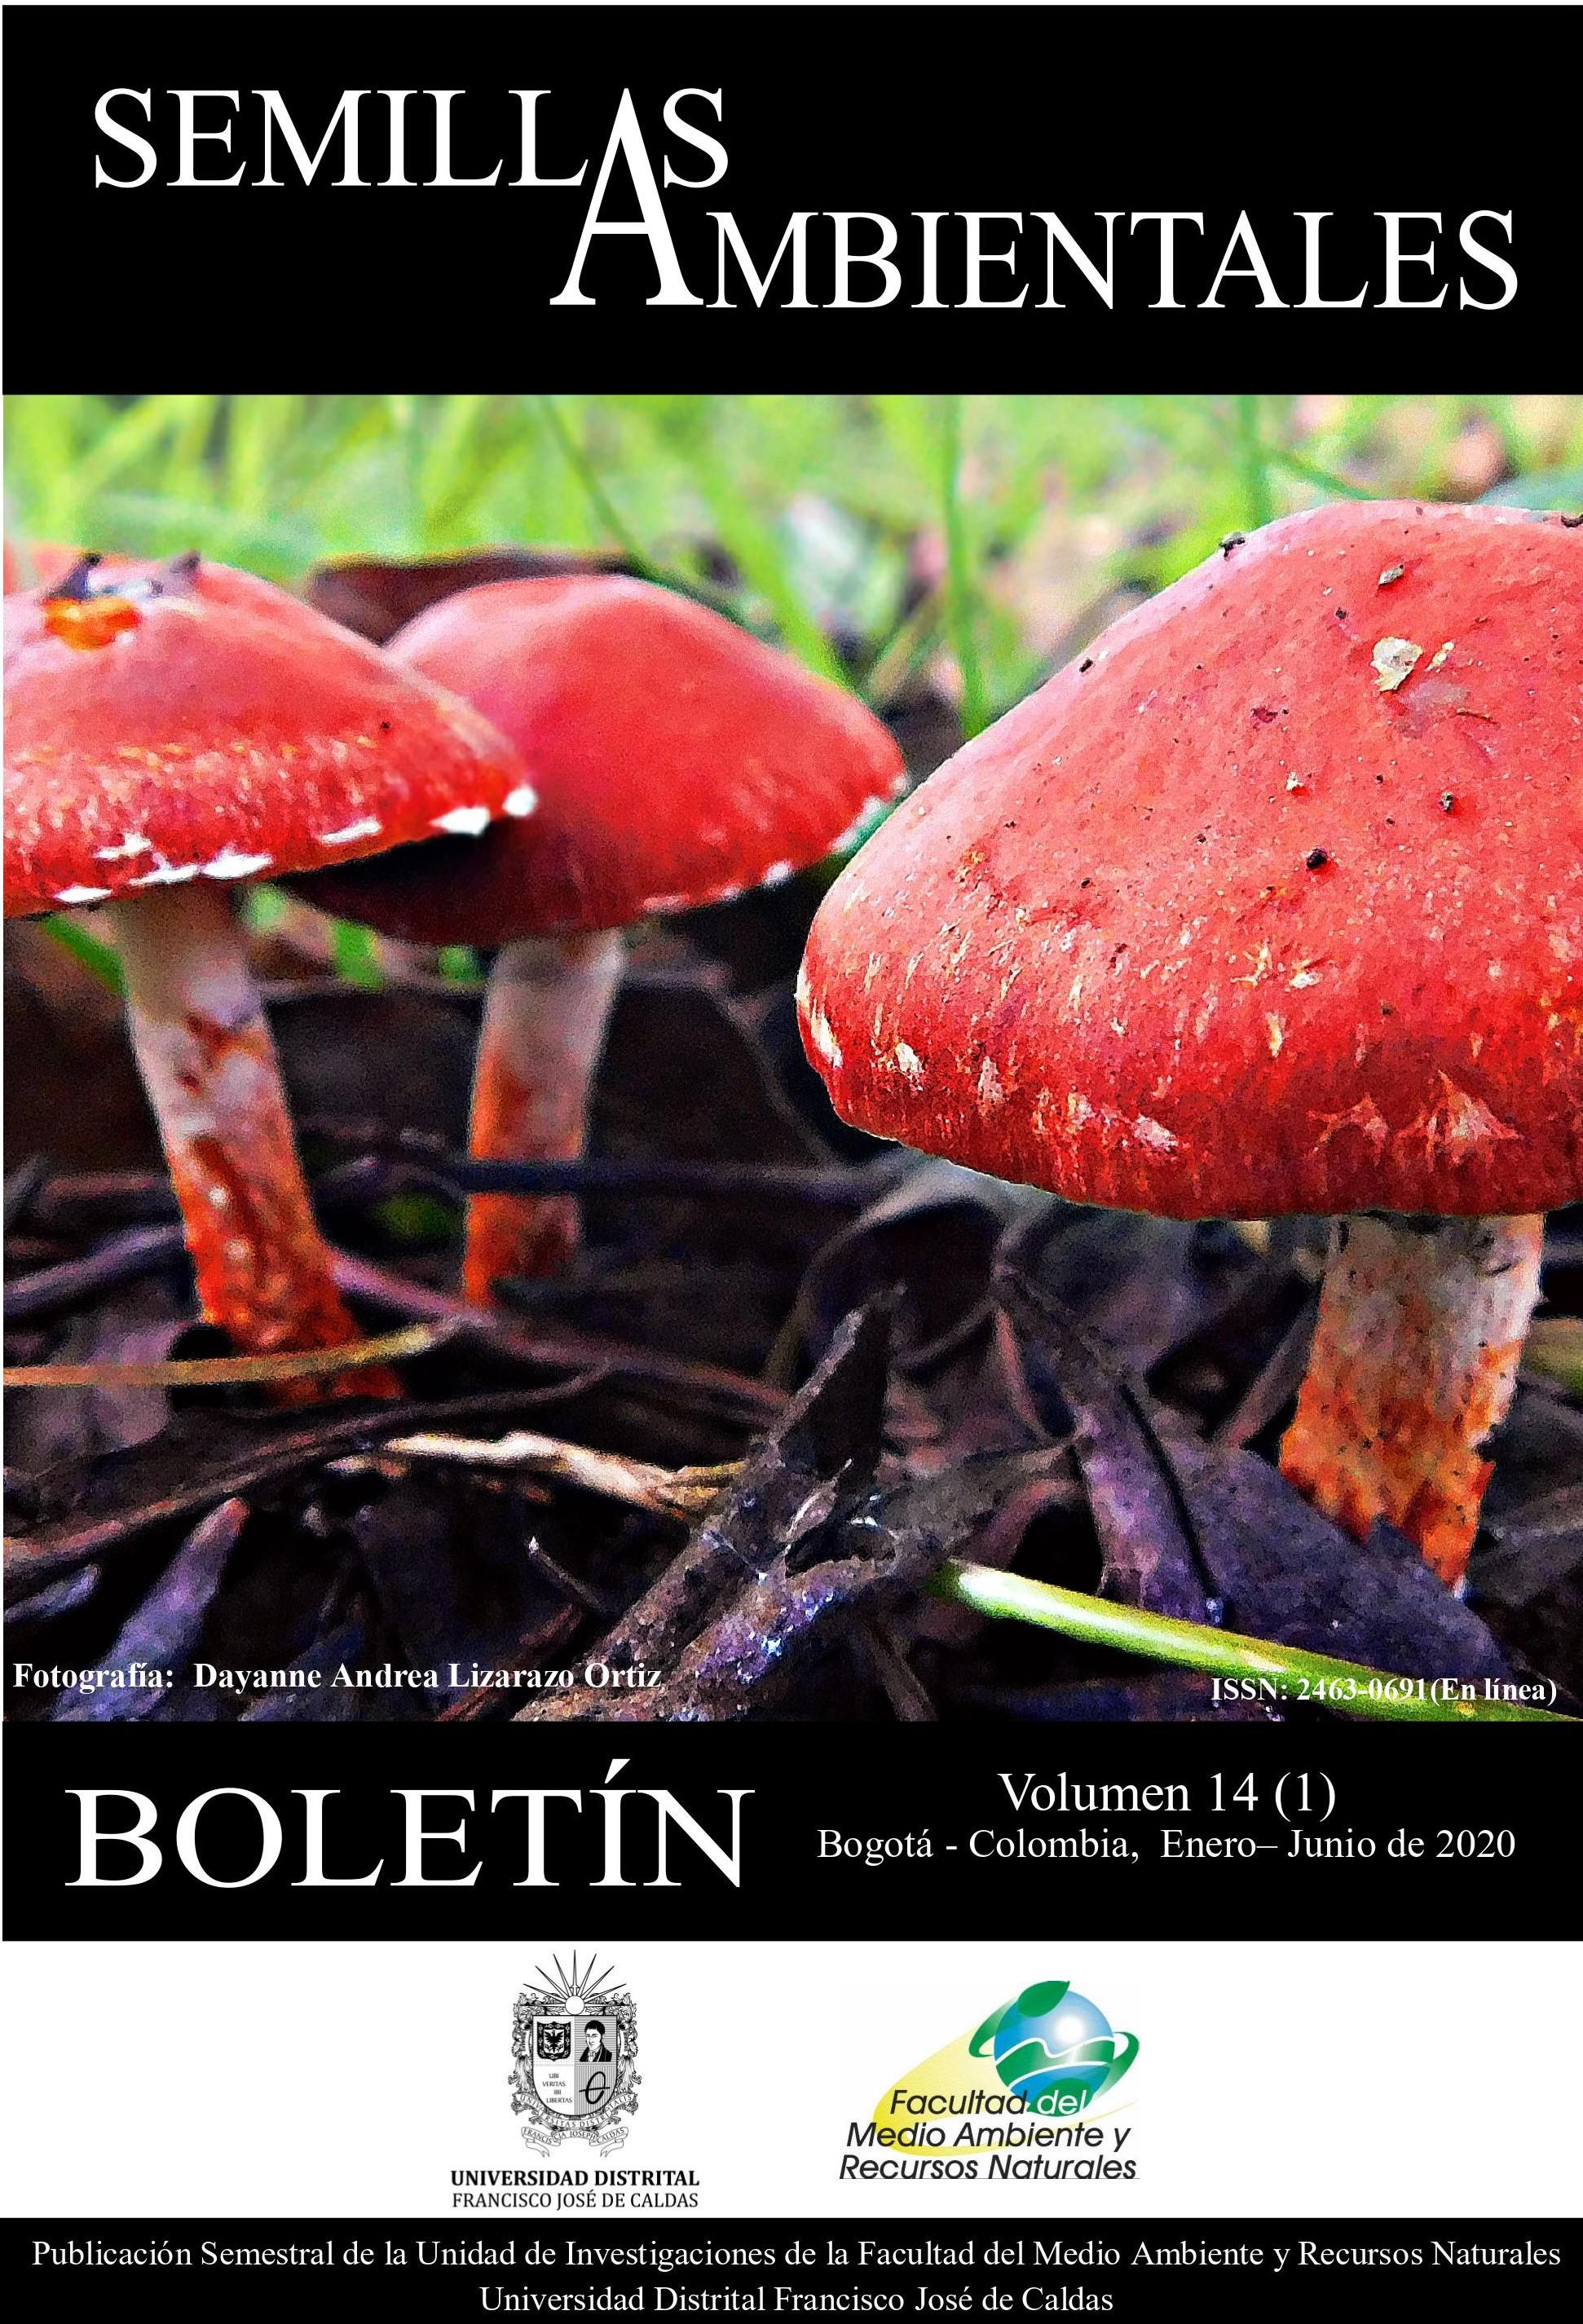 Ver Vol. 14 Núm. 1 (2020): Boletín Semillas Ambientales